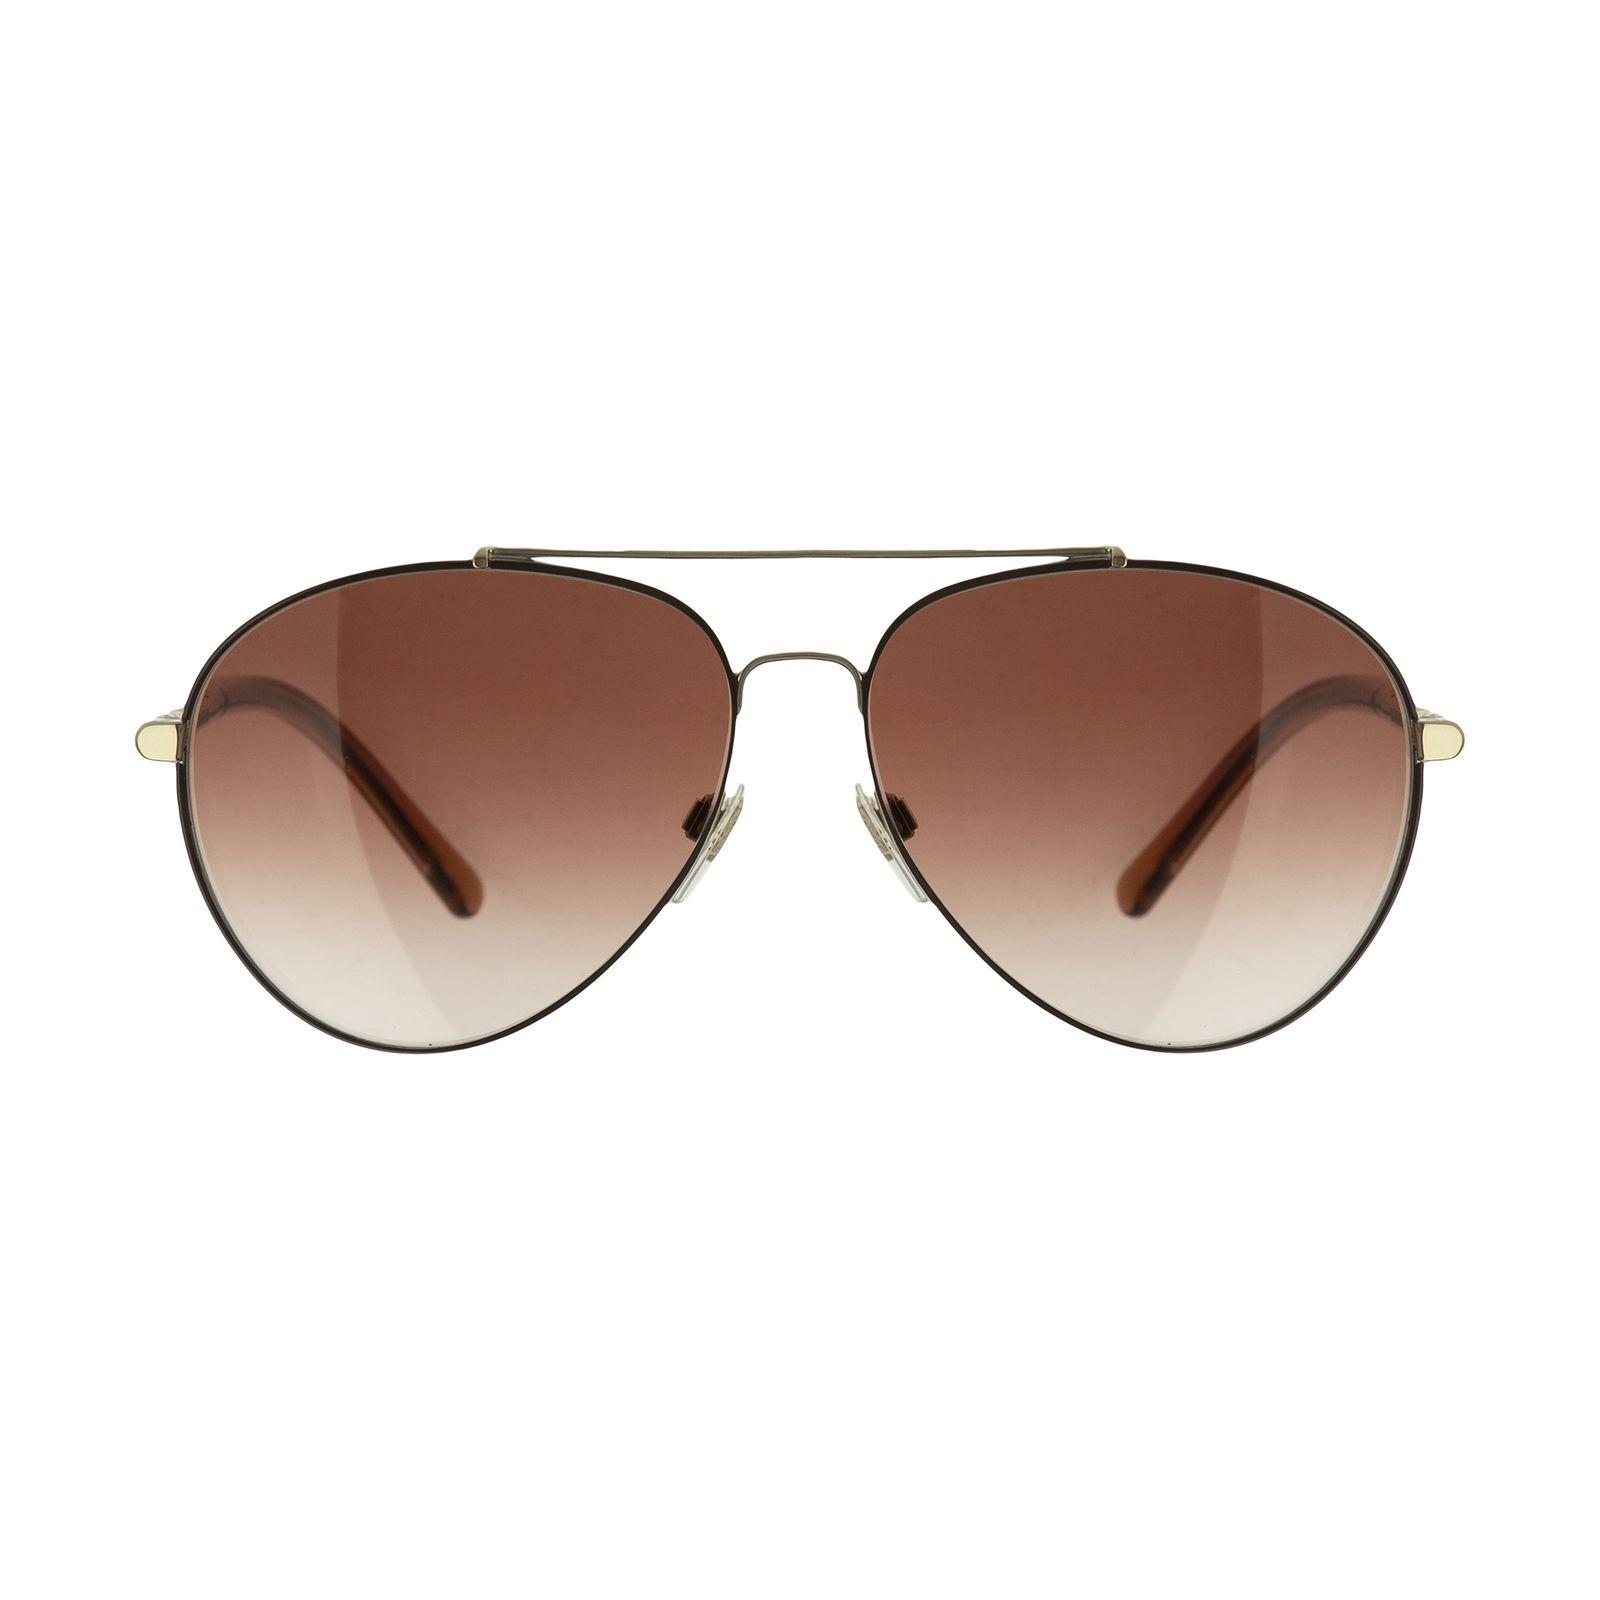 عینک آفتابی زنانه بربری مدل BE 3089S 121613 58 -  - 2